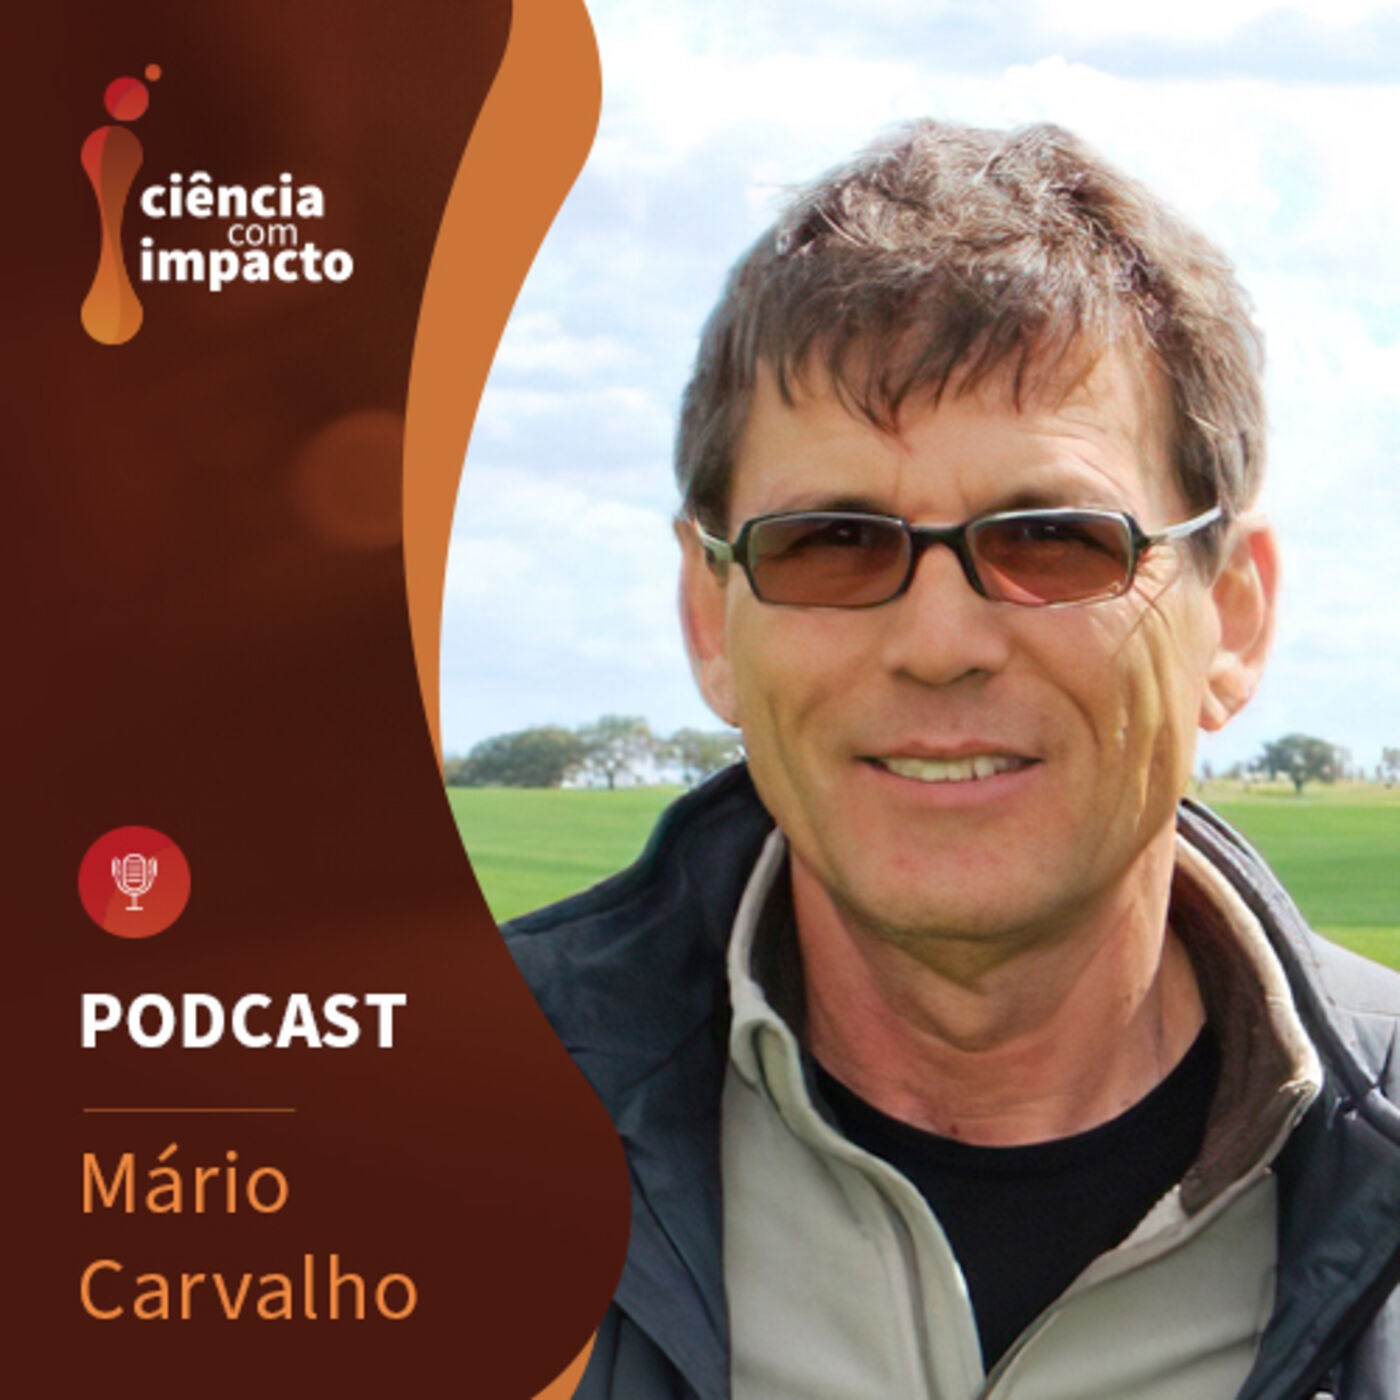 Podcast T2E8: Mário Carvalho - O agricultor conservacionista